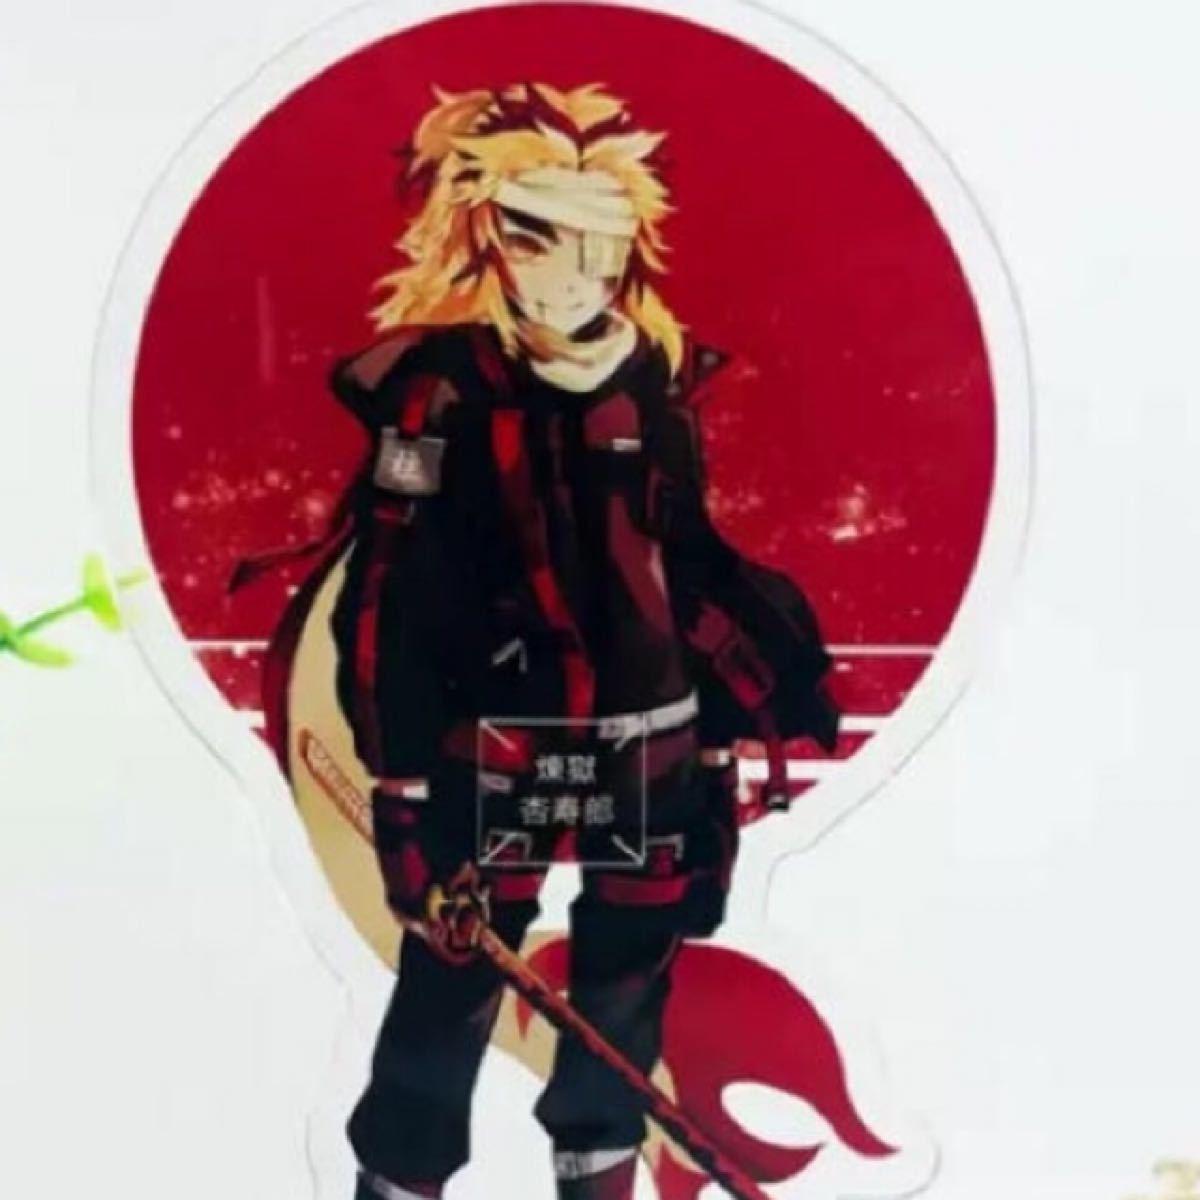 杏寿郎アクリル卓上スタンド/鬼滅の刃 炎柱 煉獄杏寿郎